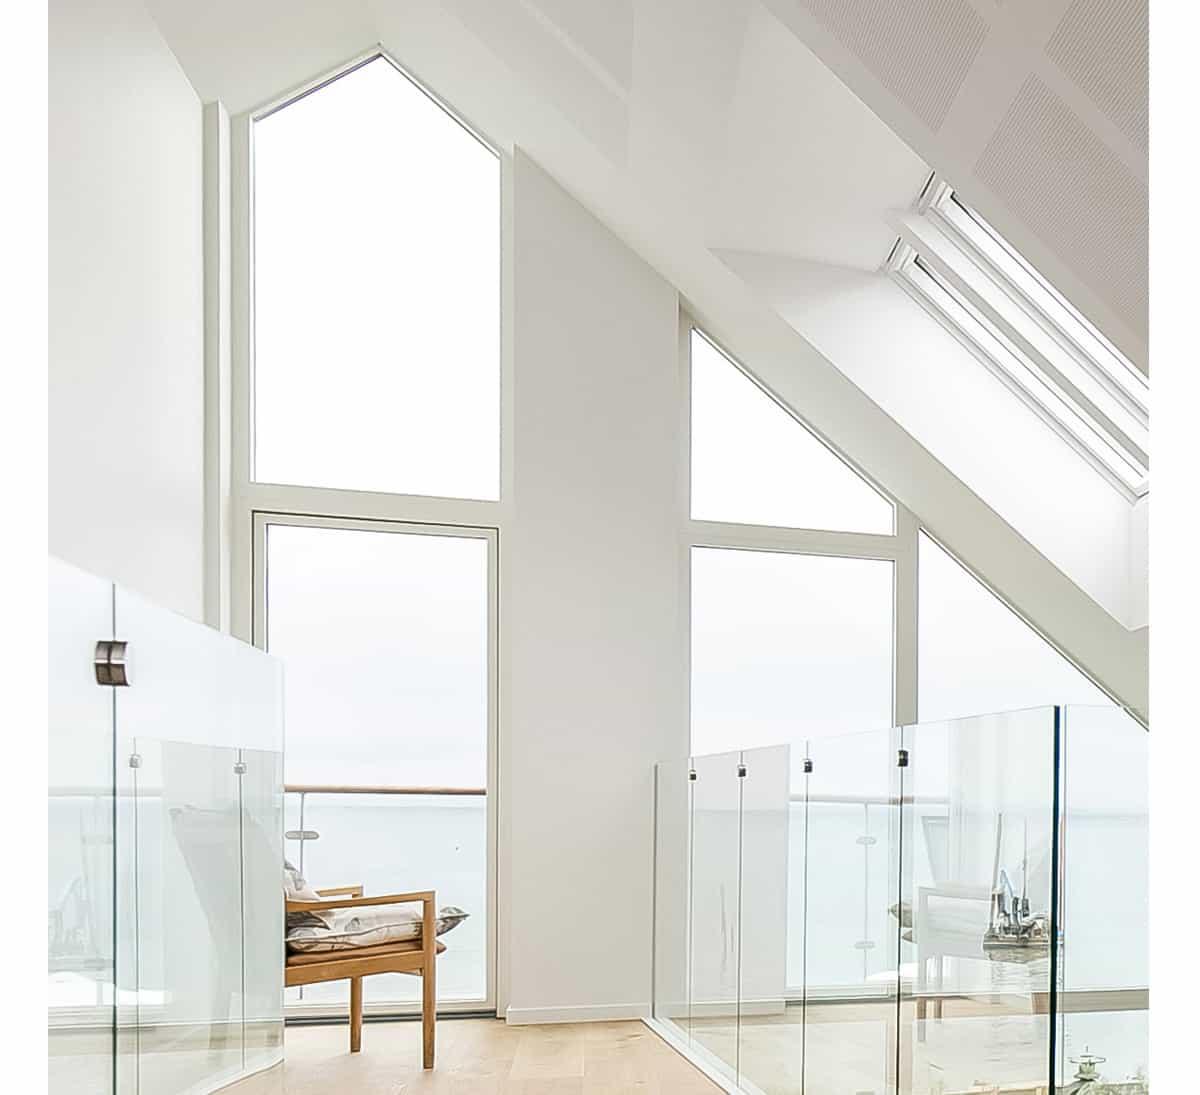 Vindue i alle former - Udvalg af vinduer i forskellige